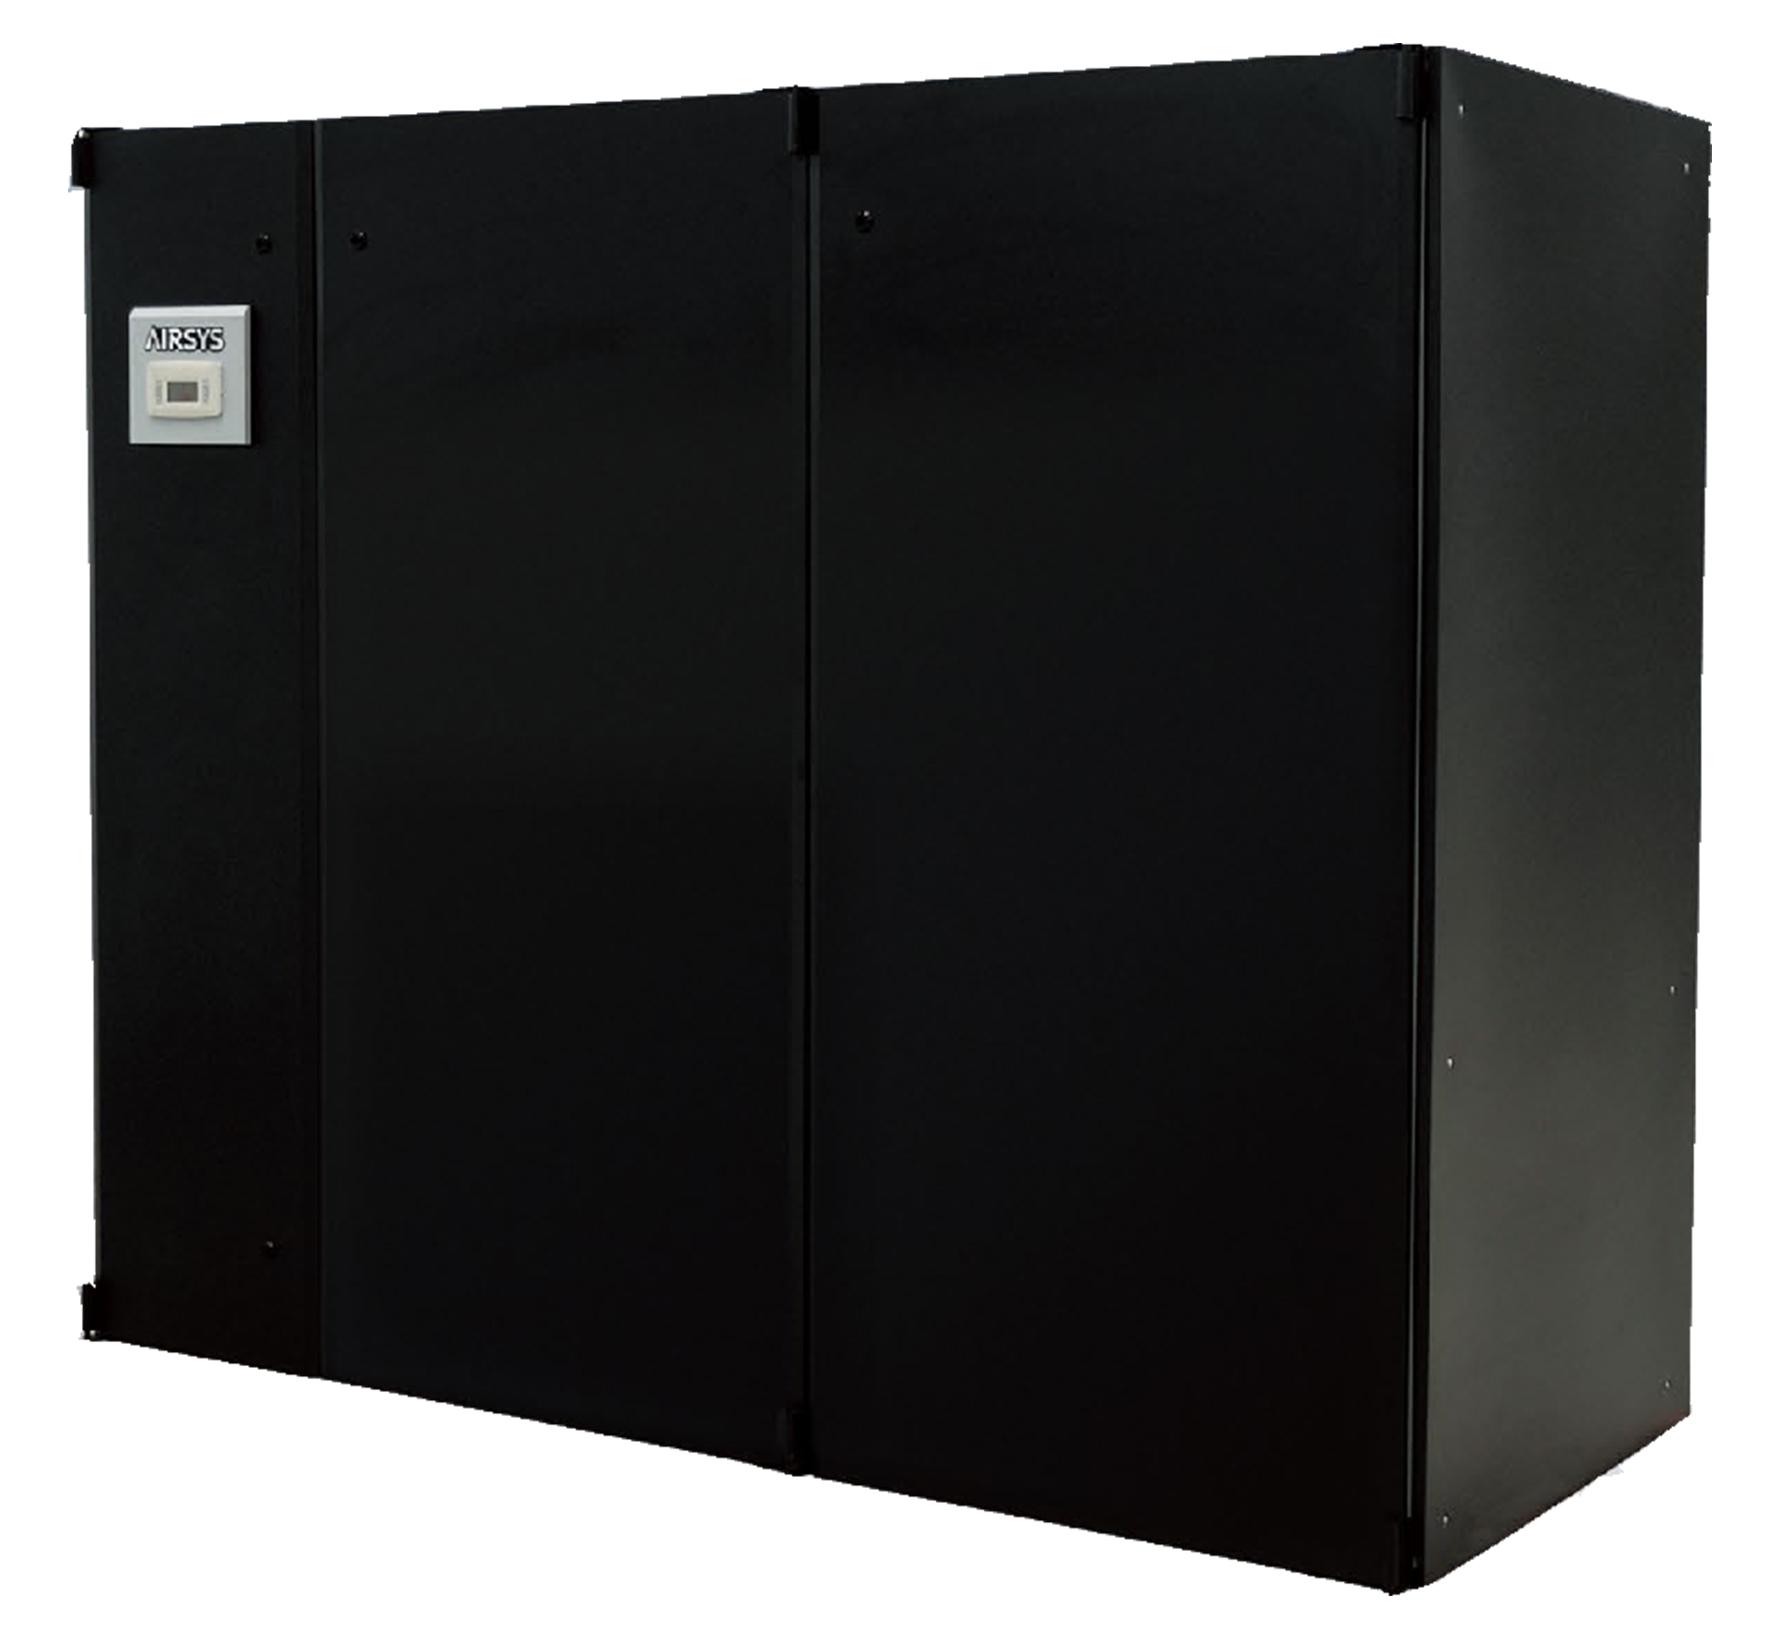 阿尔西(AIRSYS)CYBERCOOL-MOD机房专用精密空调